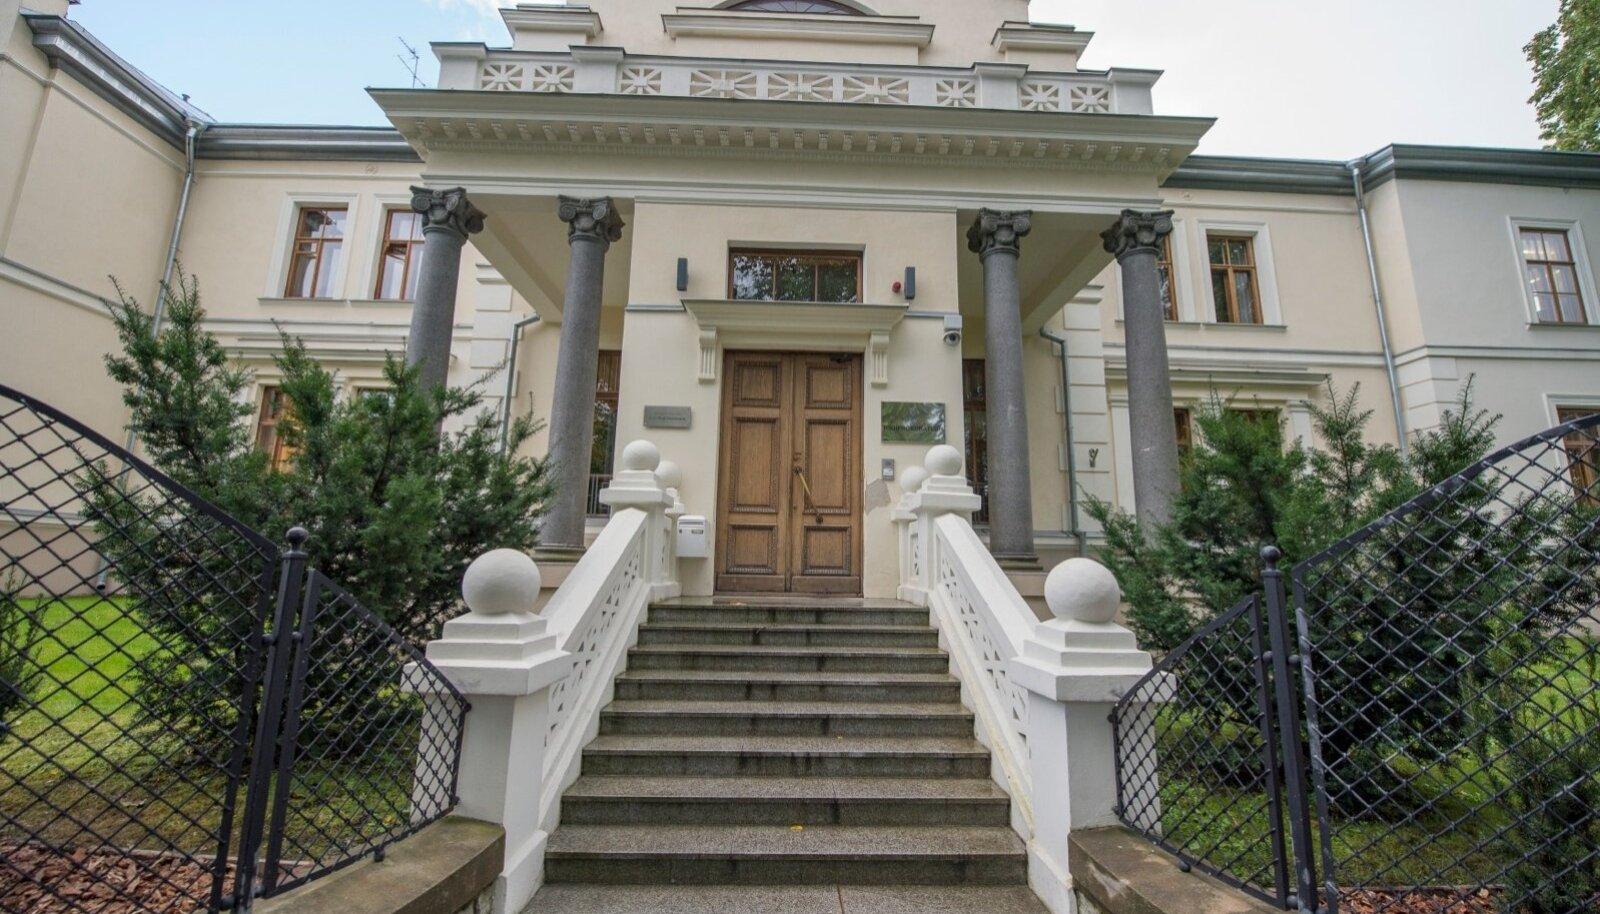 Riigiprokuratuuri hoone Tallinnas